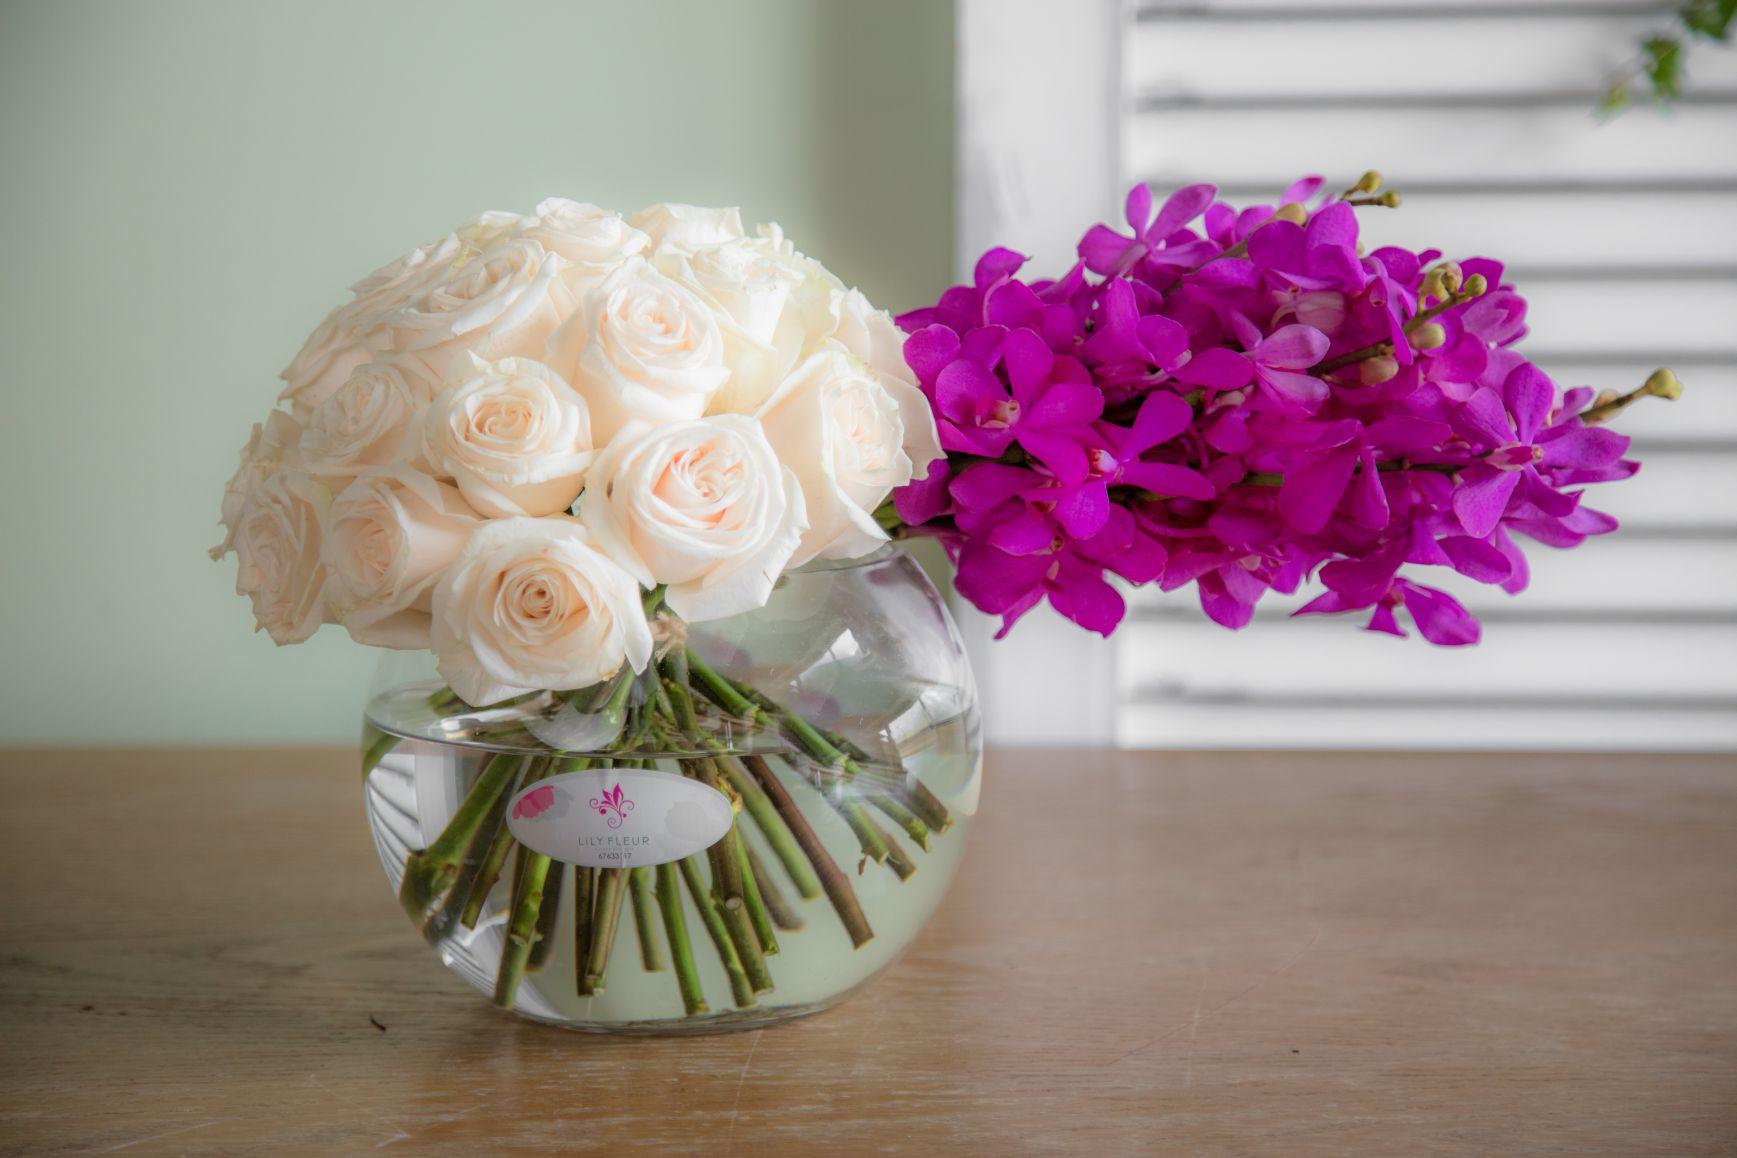 ليلي سرنيتي 'زهور مع قاعدة'